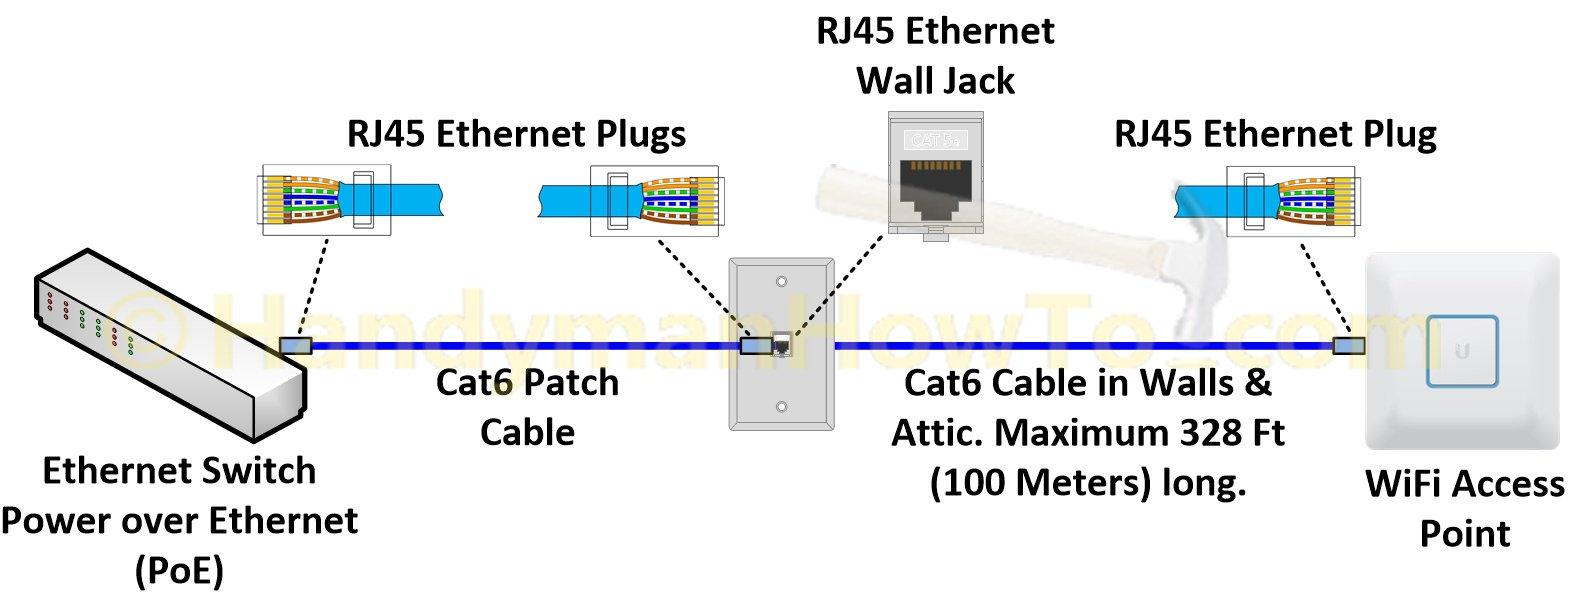 Cat6 Rj45 Wiring - Data Wiring Diagram Detailed - Cat 6 Wiring Diagram